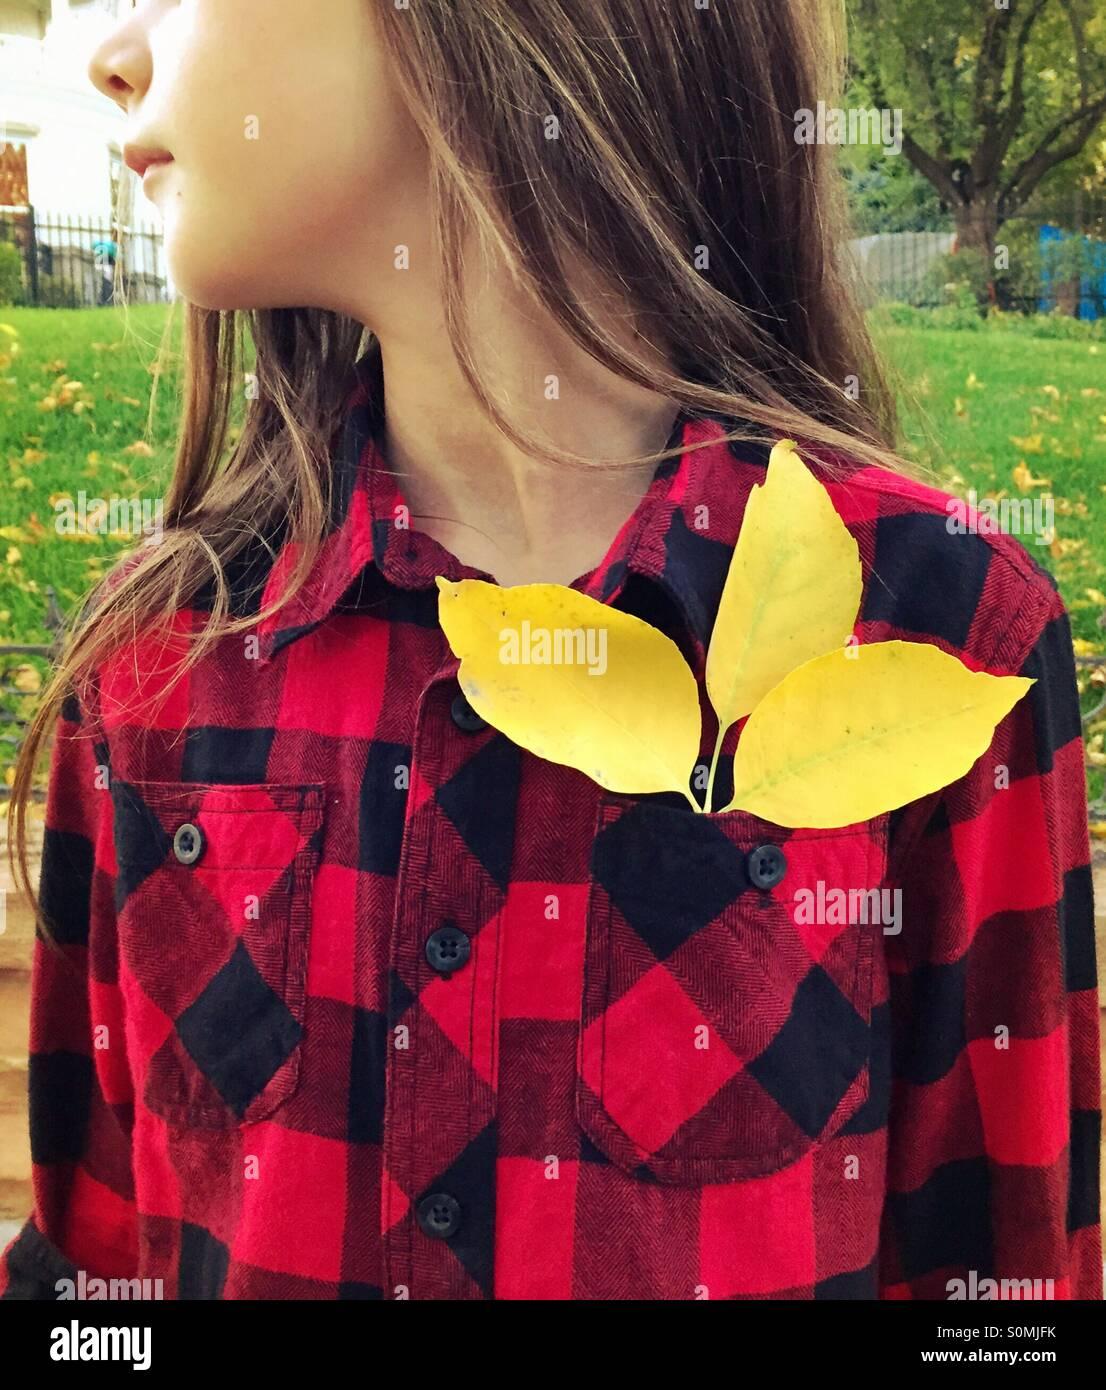 Une jeune fille porter du rouge et noir à carreaux chemise à carreaux buffalo a 3 feuilles jaunes dans Photo Stock